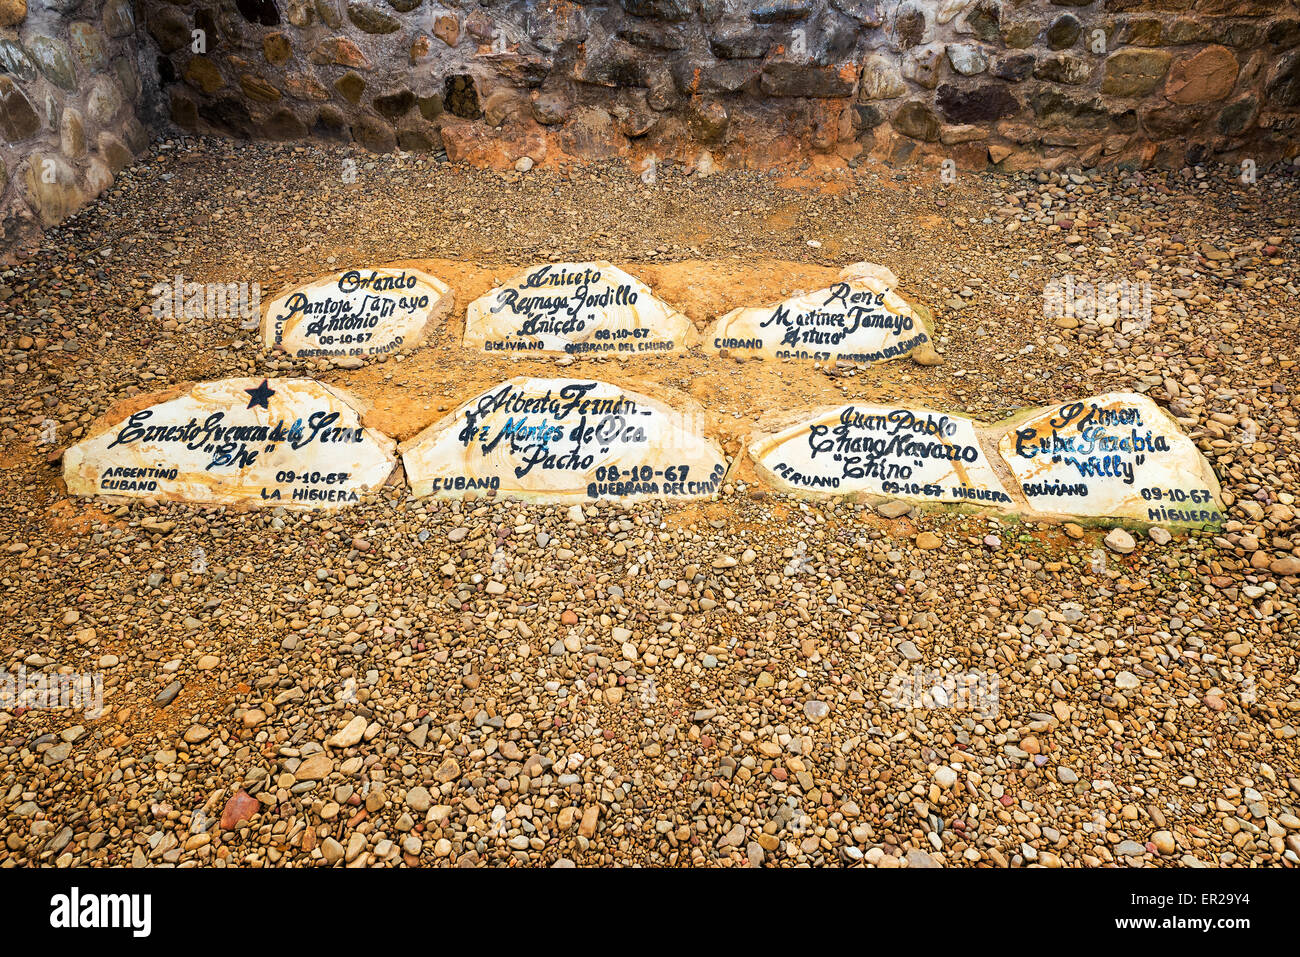 Website, wo Ernesto Che Guevara in Vallegrande, Bolivien mit mehreren Kameraden beigesetzt wurde Stockbild